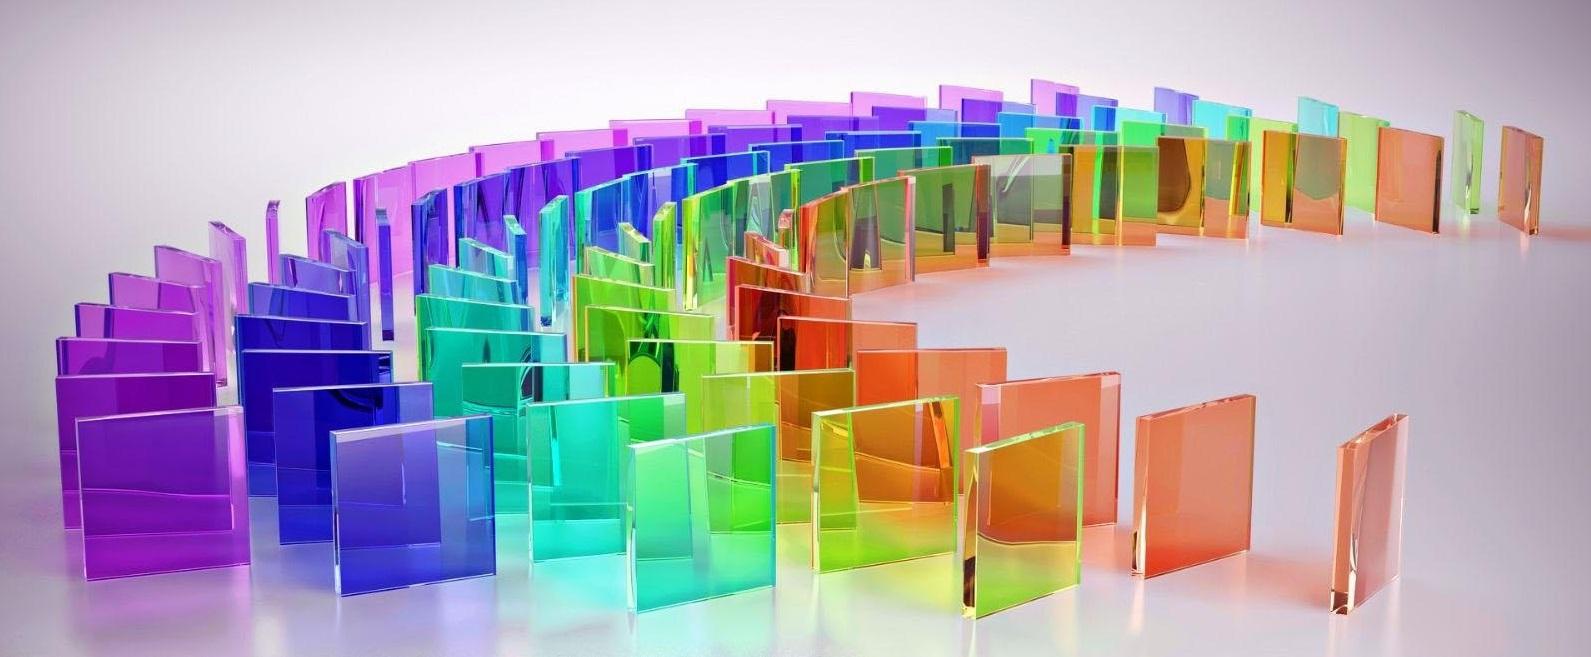 một số màu của kính cường lực dán 2 lớp